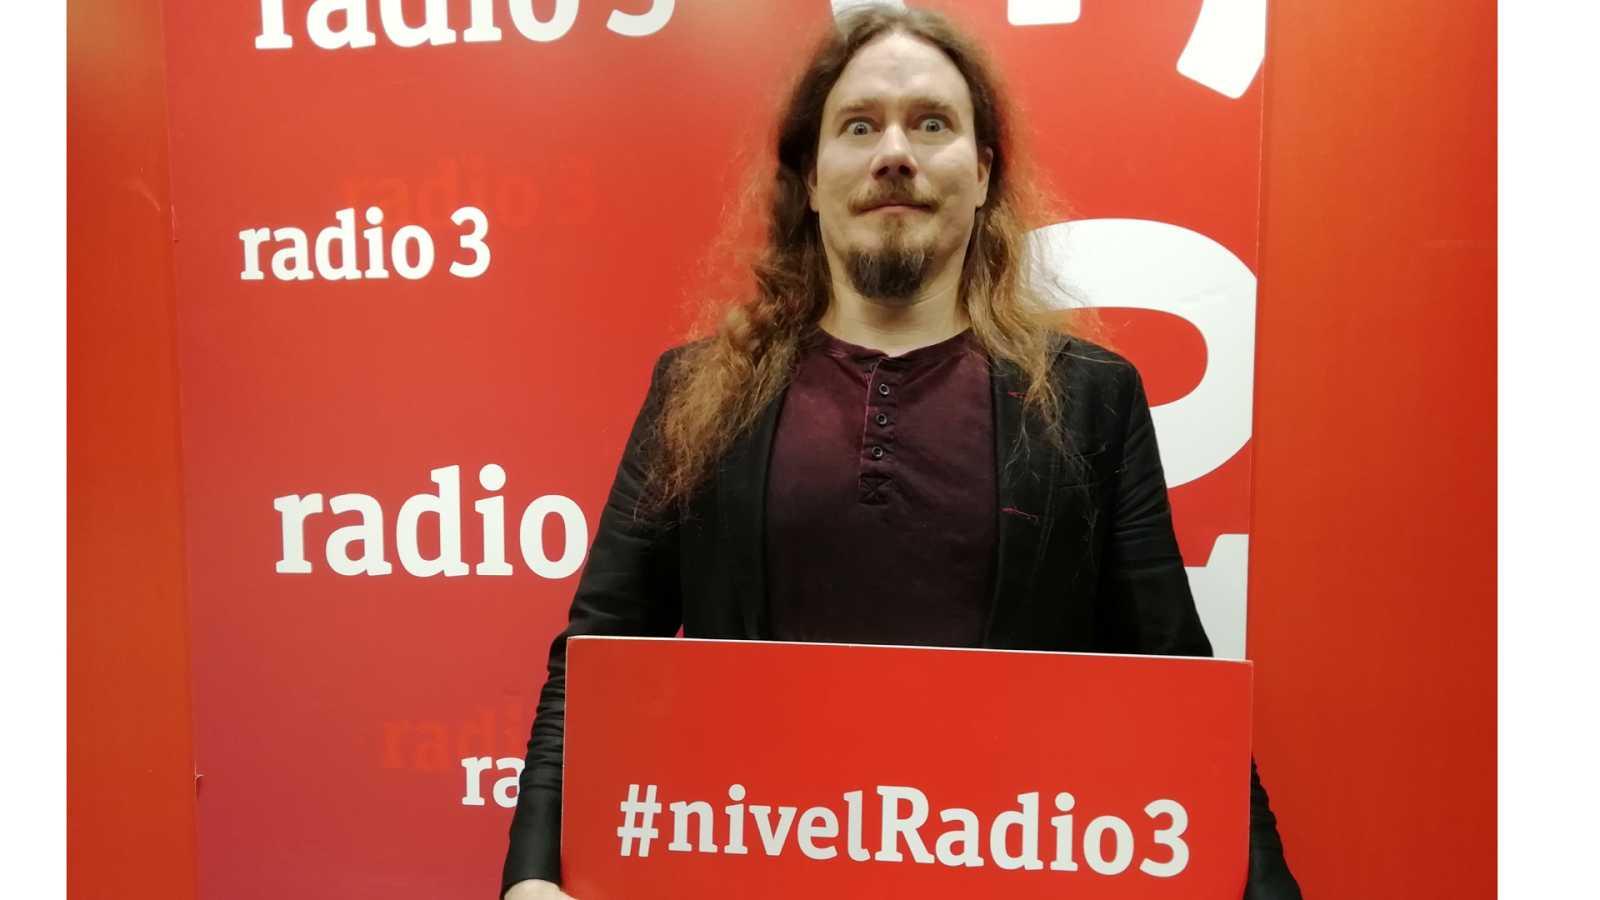 El vuelo del Fénix - Entrevista Holopainen de Nightwish - 27/04/20 - escuchar ahora